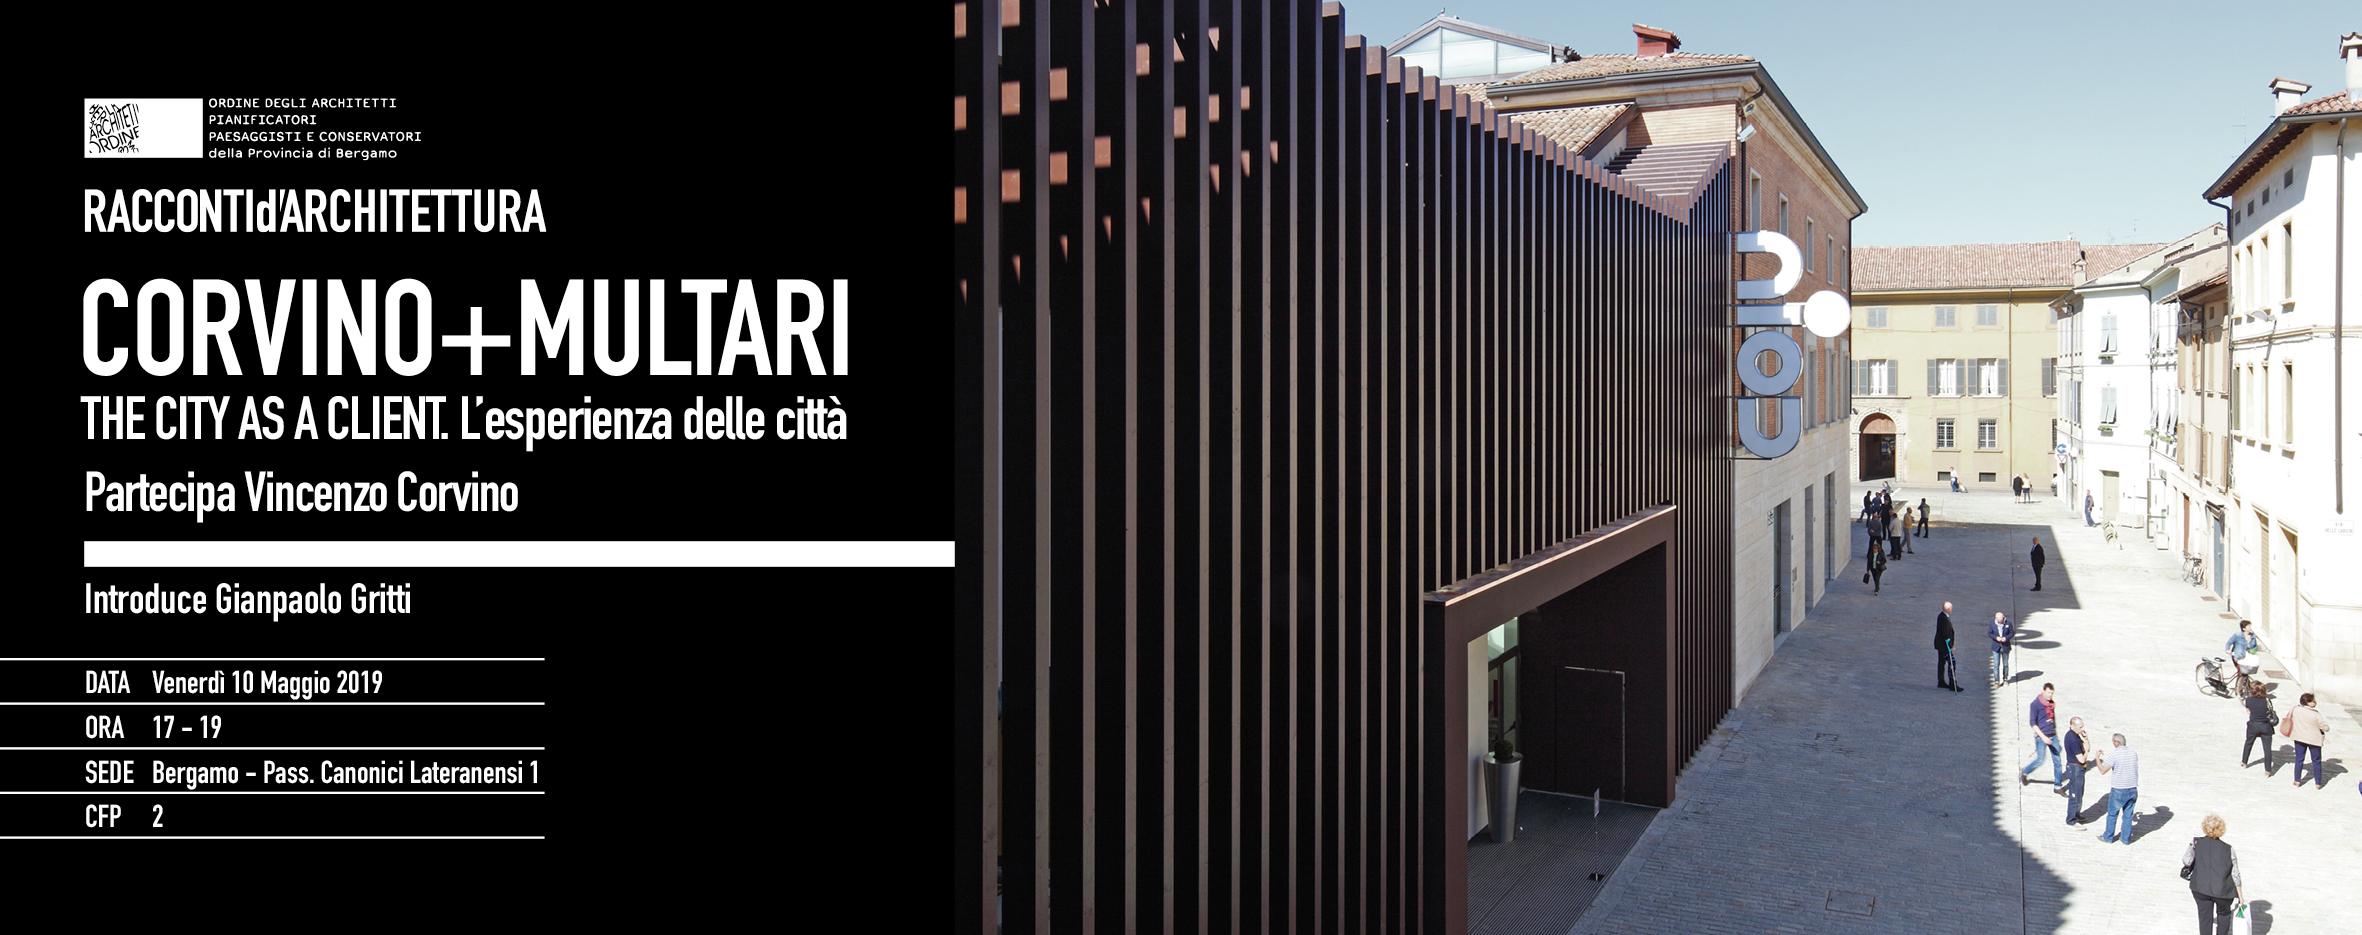 Architetti A Bergamo oab incontra vincenzo corvino | ordine degli architetti